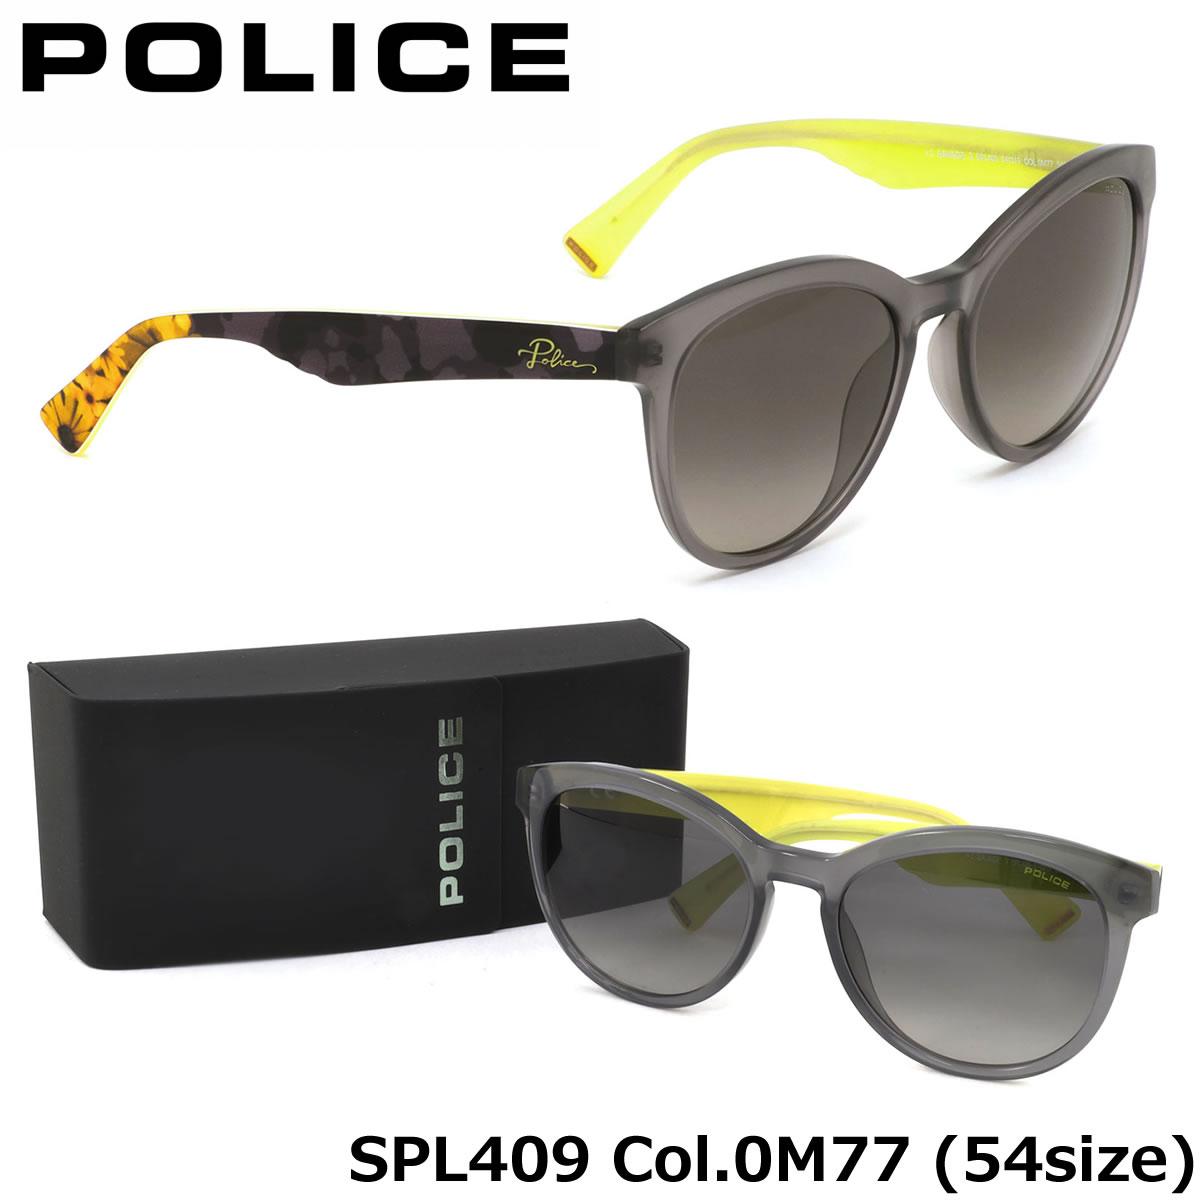 【10月30日からエントリーで全品ポイント20倍】【ポリス】 (POLICE) サングラスSPL409 0M77 54サイズSAVAGE3 キャッツアイ ラウンドPOLICE メンズ レディース